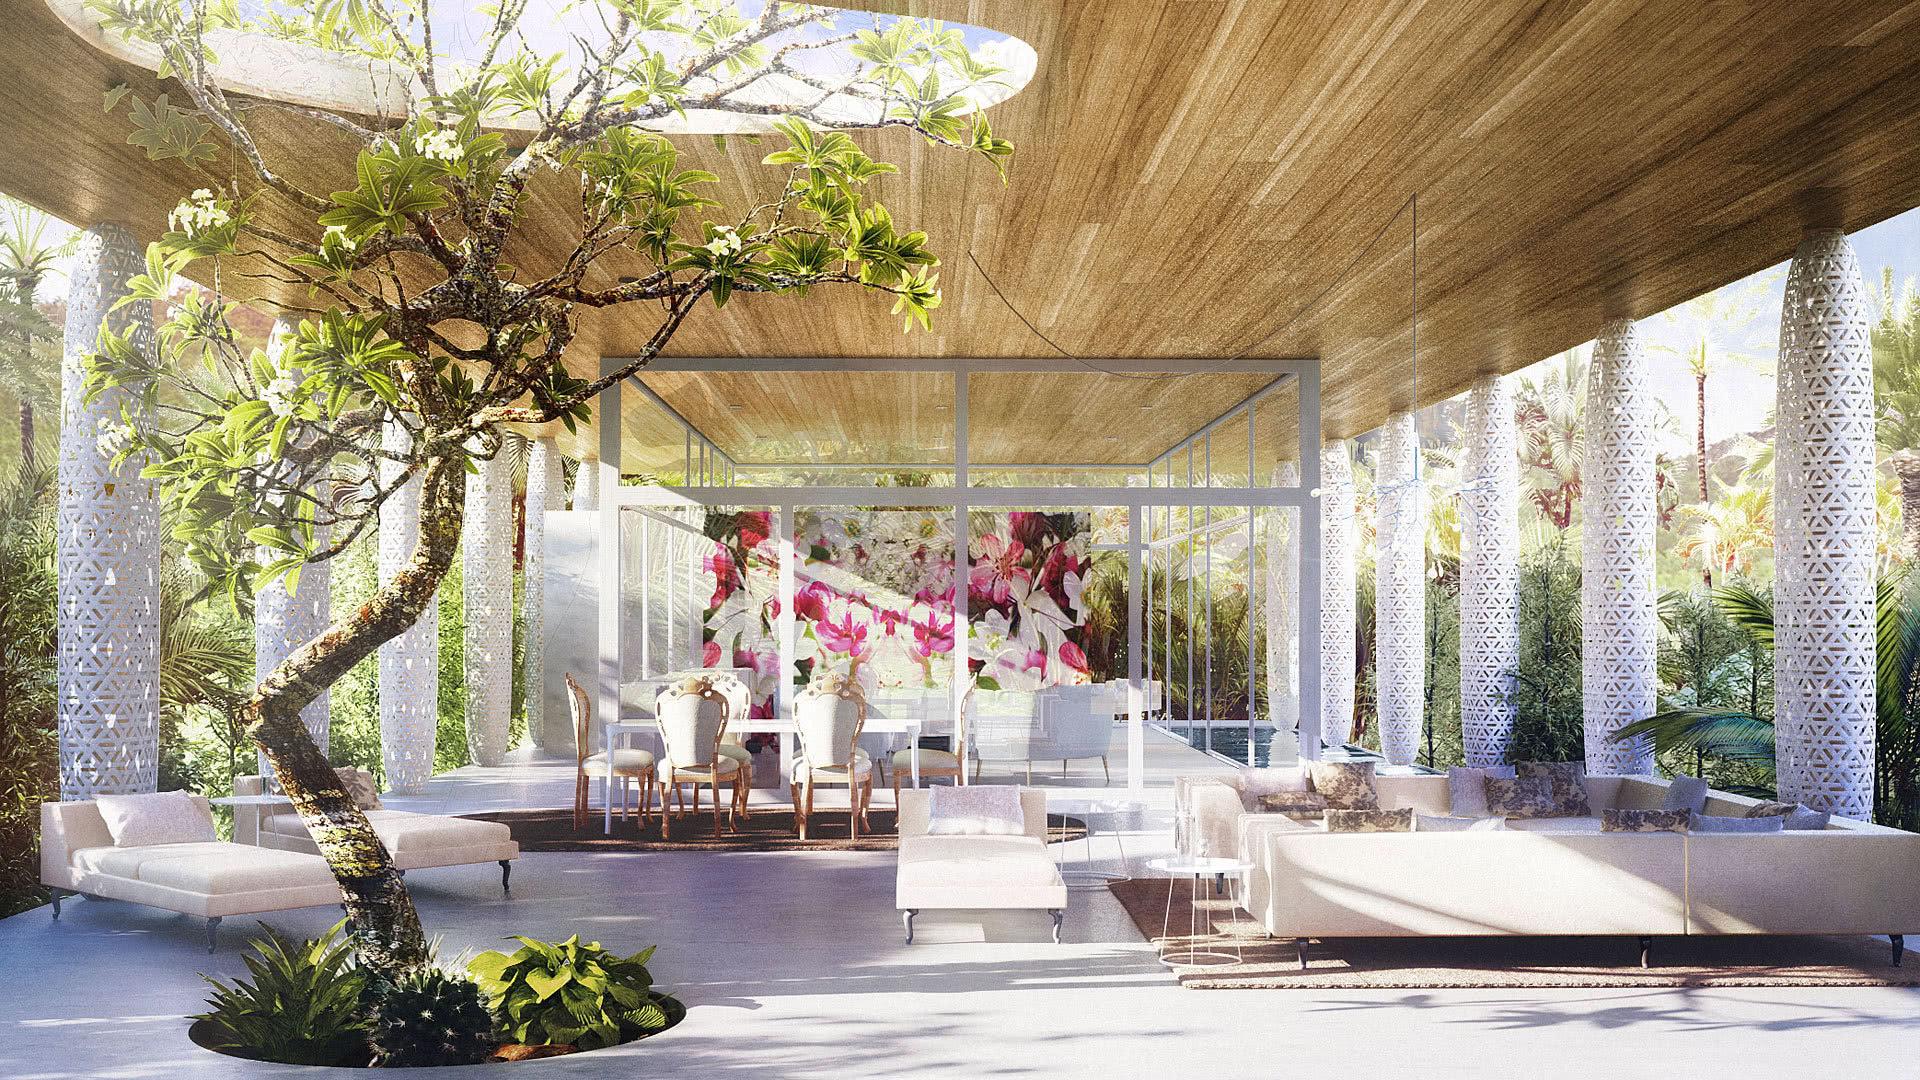 Top Interior Designers, design, interiors, designers, luxury Top Interior Designers Top Interior Designers: Marcel Wanders Revolution Precrafted Properties   Eden   0 Header web